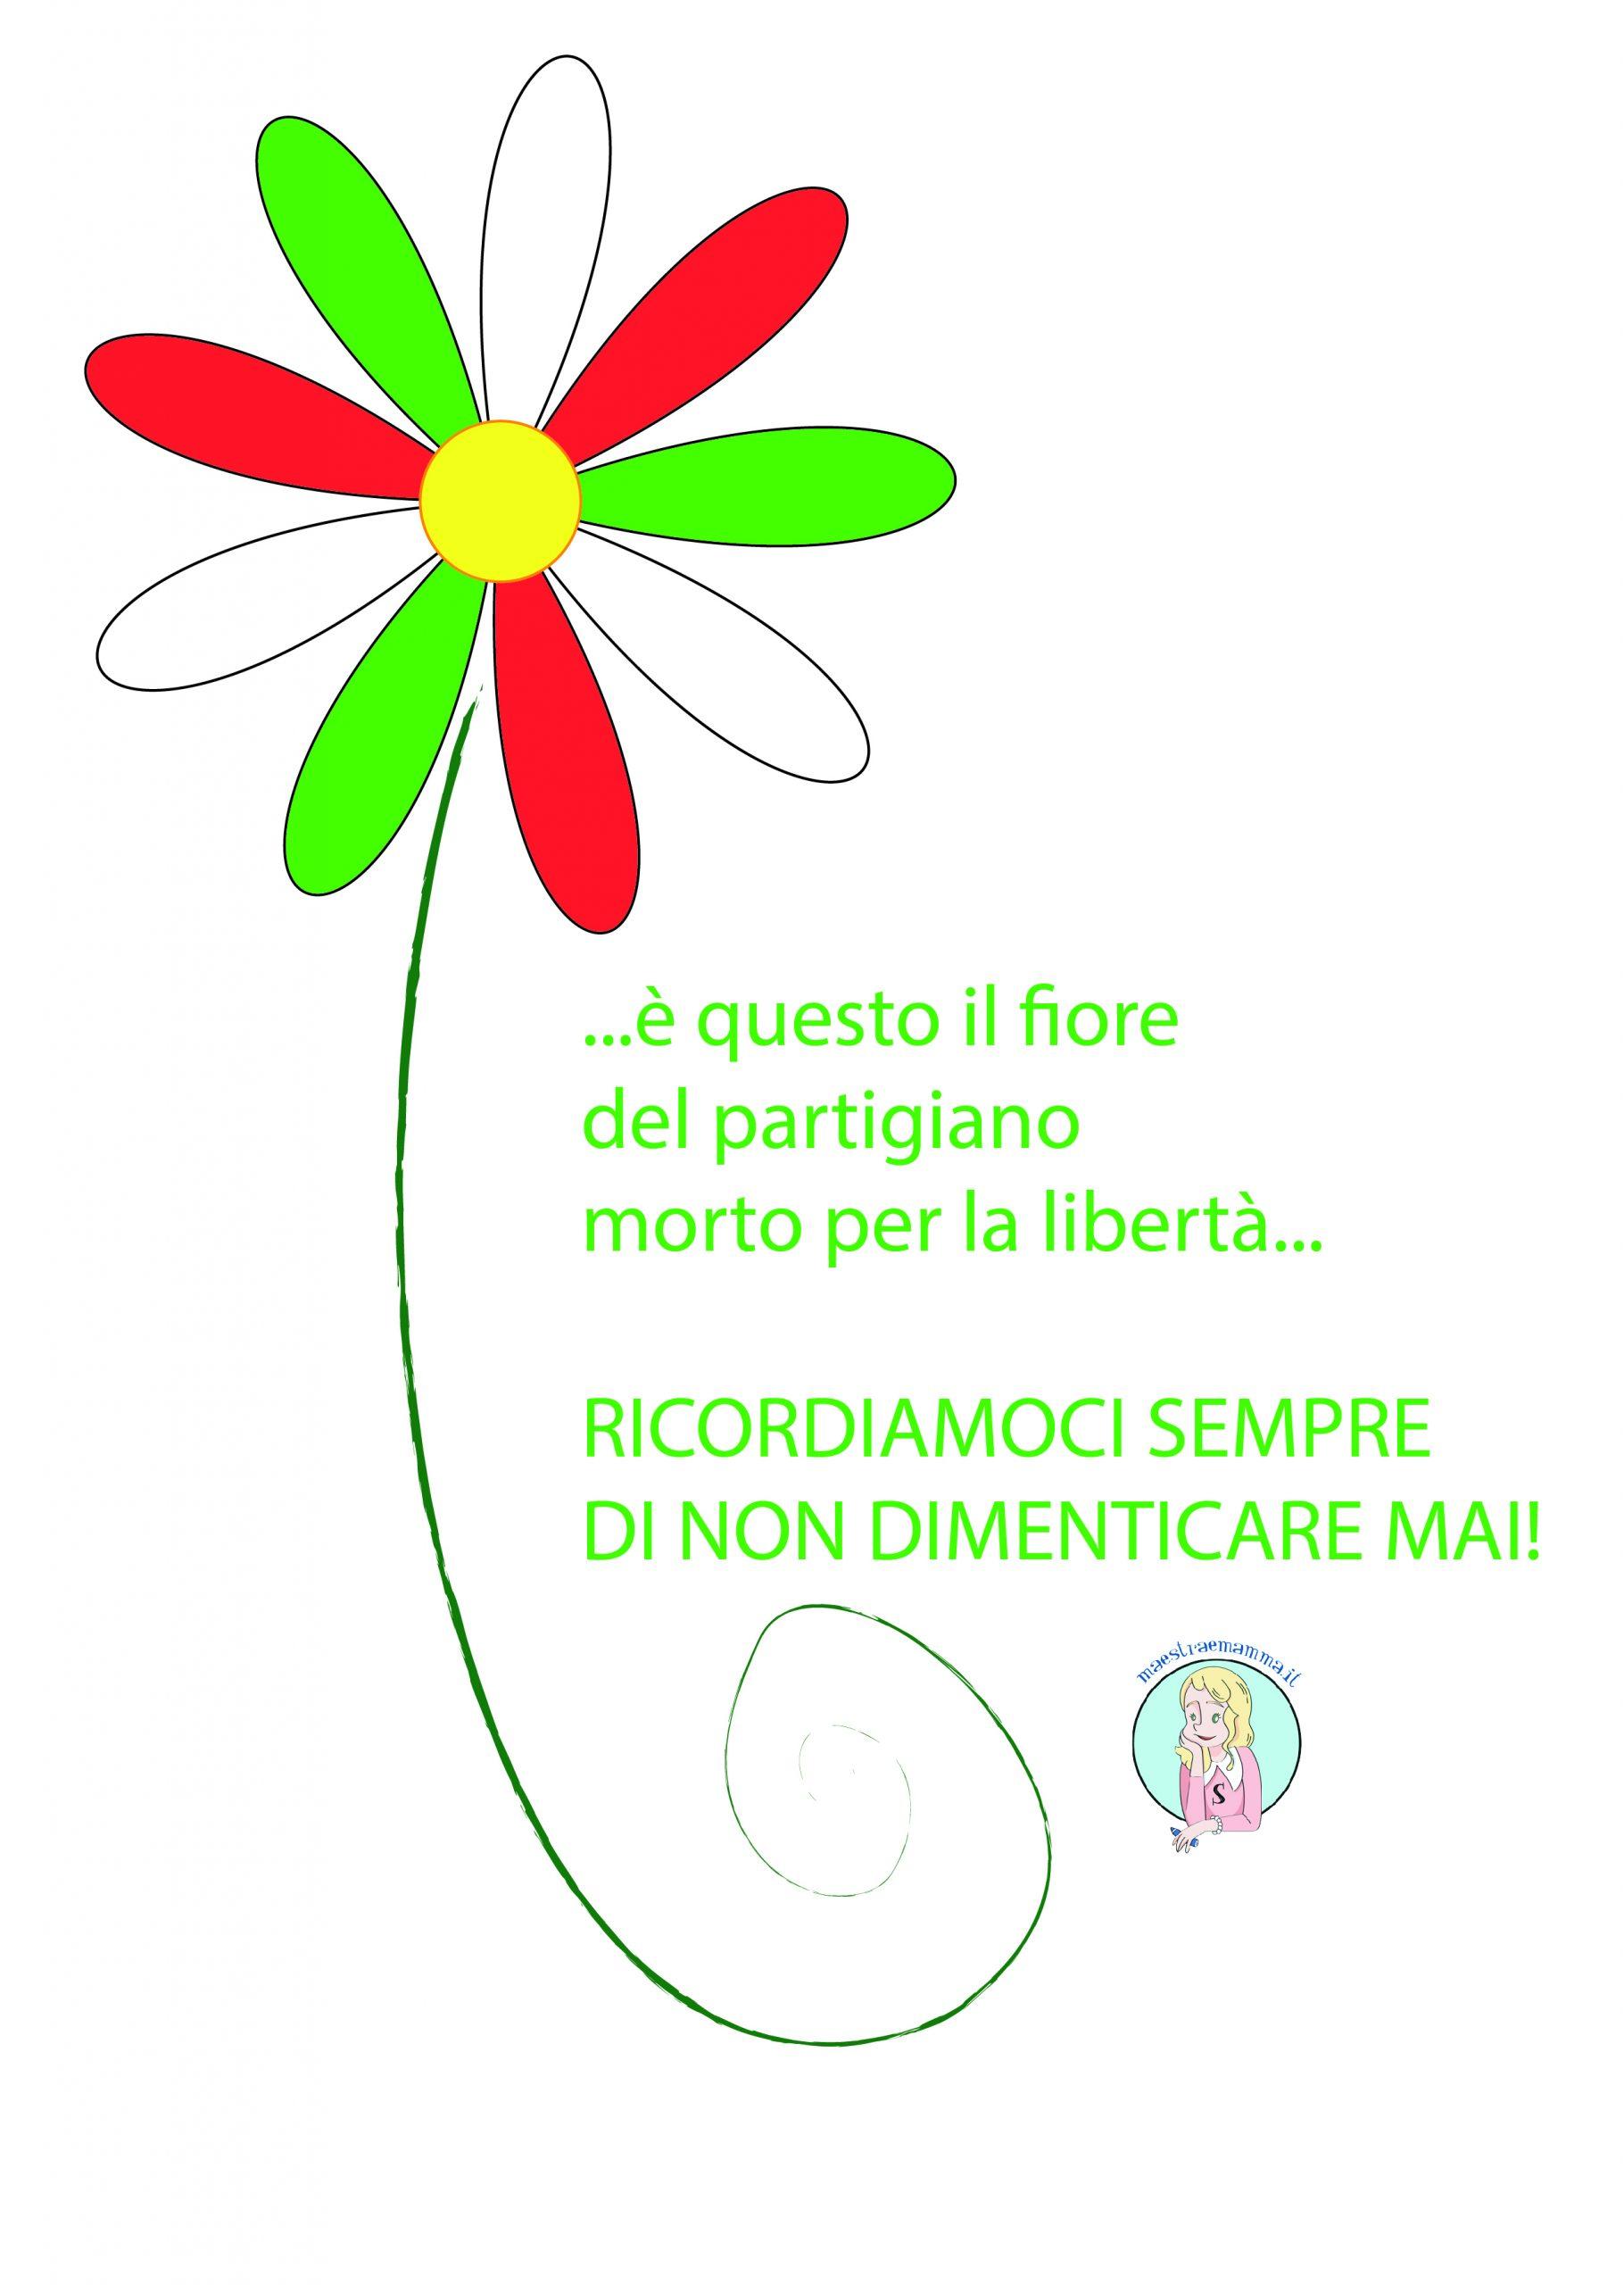 25 Aprile Festa della Liberazione: attività didattiche per la classe